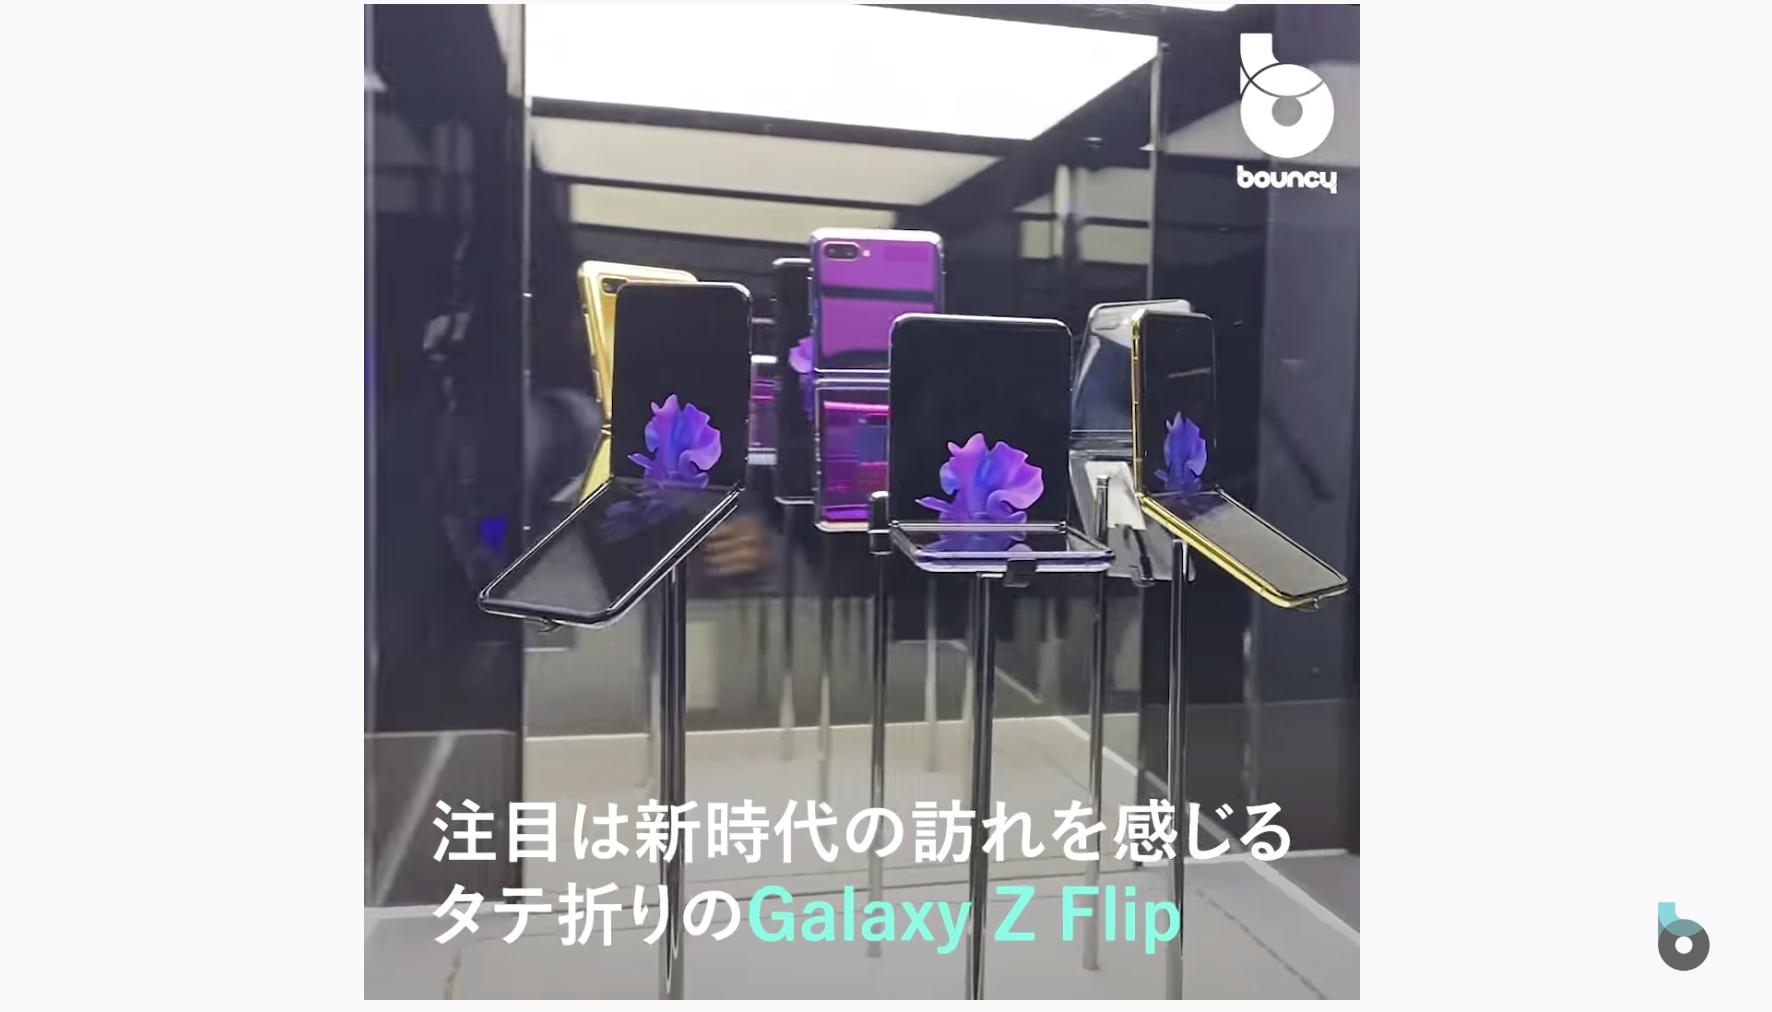 折れるスマホ「Galaxy Z Flip」国内発売!折り畳みのメリットとは?